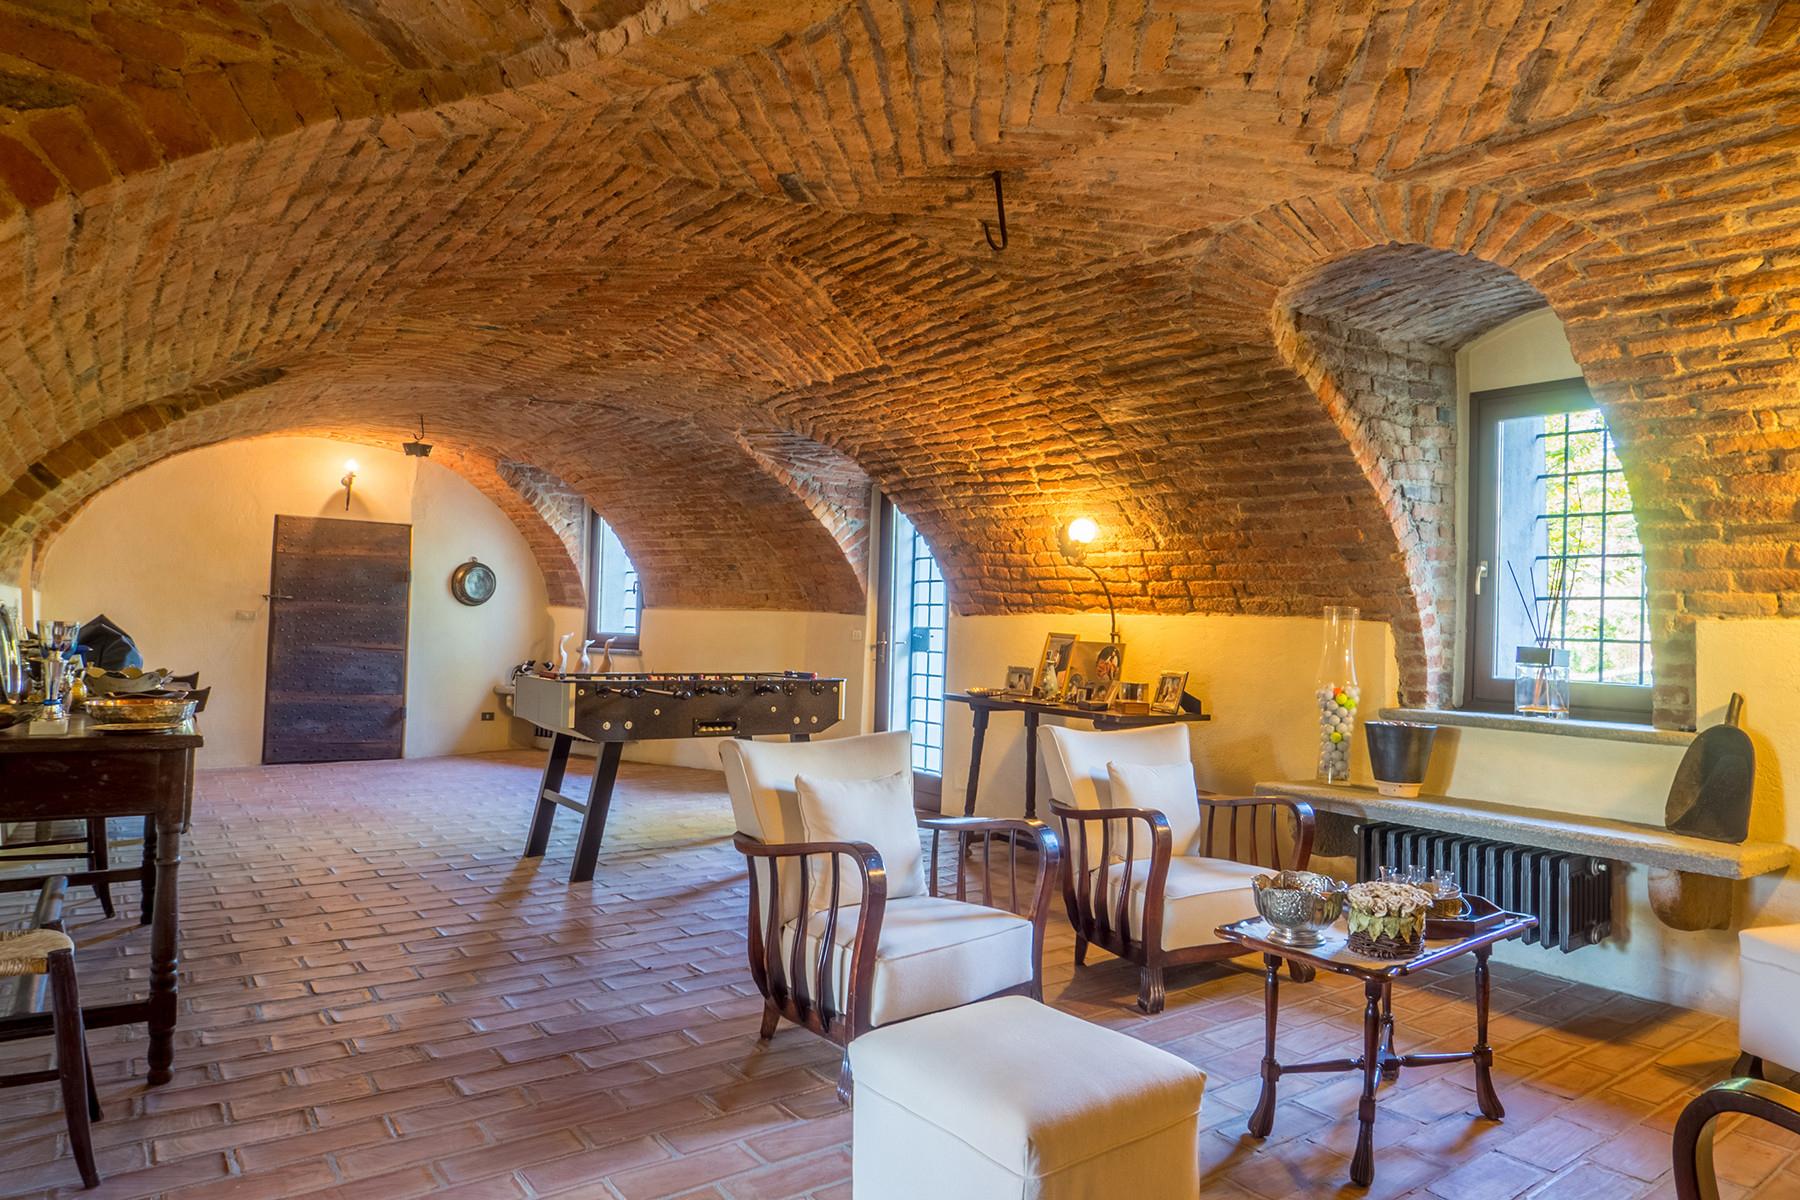 Rustico di lusso in vendita a moncalieri strada cenasco for Affitto moncalieri privato arredato